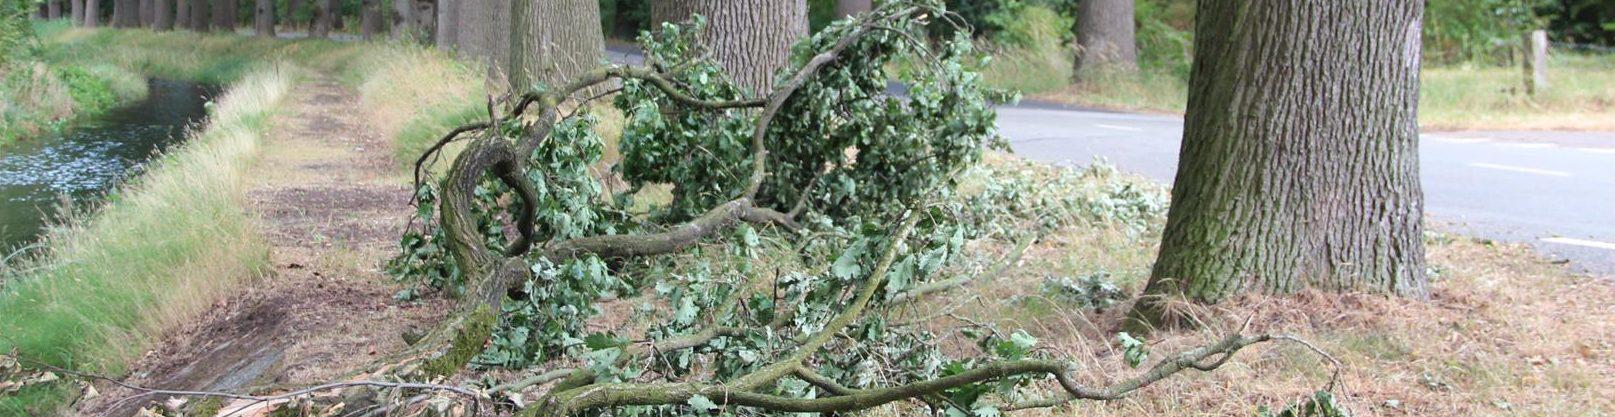 bomen droogte 1 (Large)